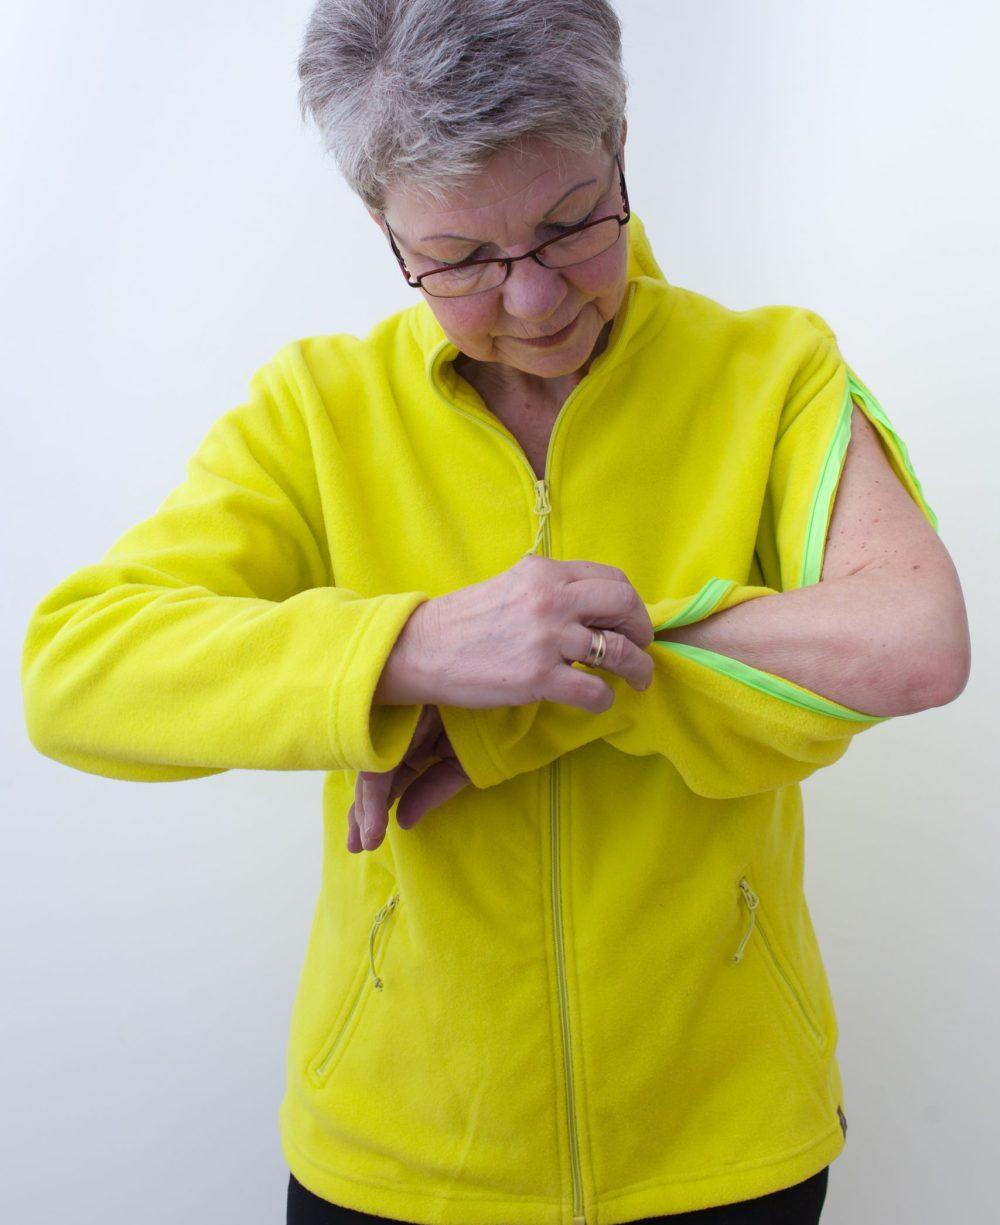 gelb-damenfleece-jacke-für-dialysepatienten-mit-individuellem-reißverschluss-diazipp